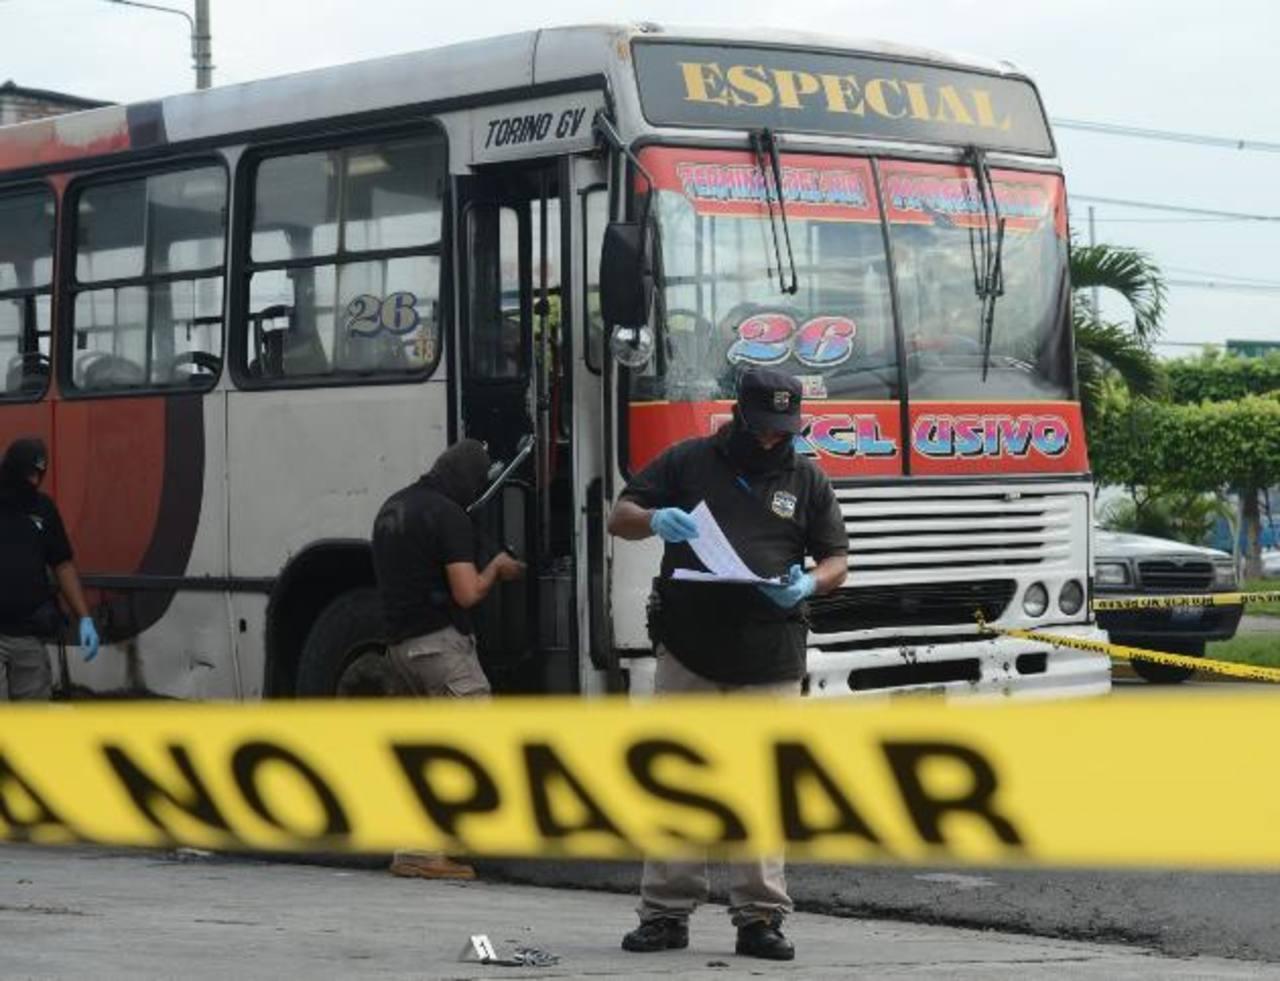 Los tres delincuentes fueron sorprendidos por los pasajeros. Uno murió y dos fueron lesionados. Foto EDH / Douglas Urquilla